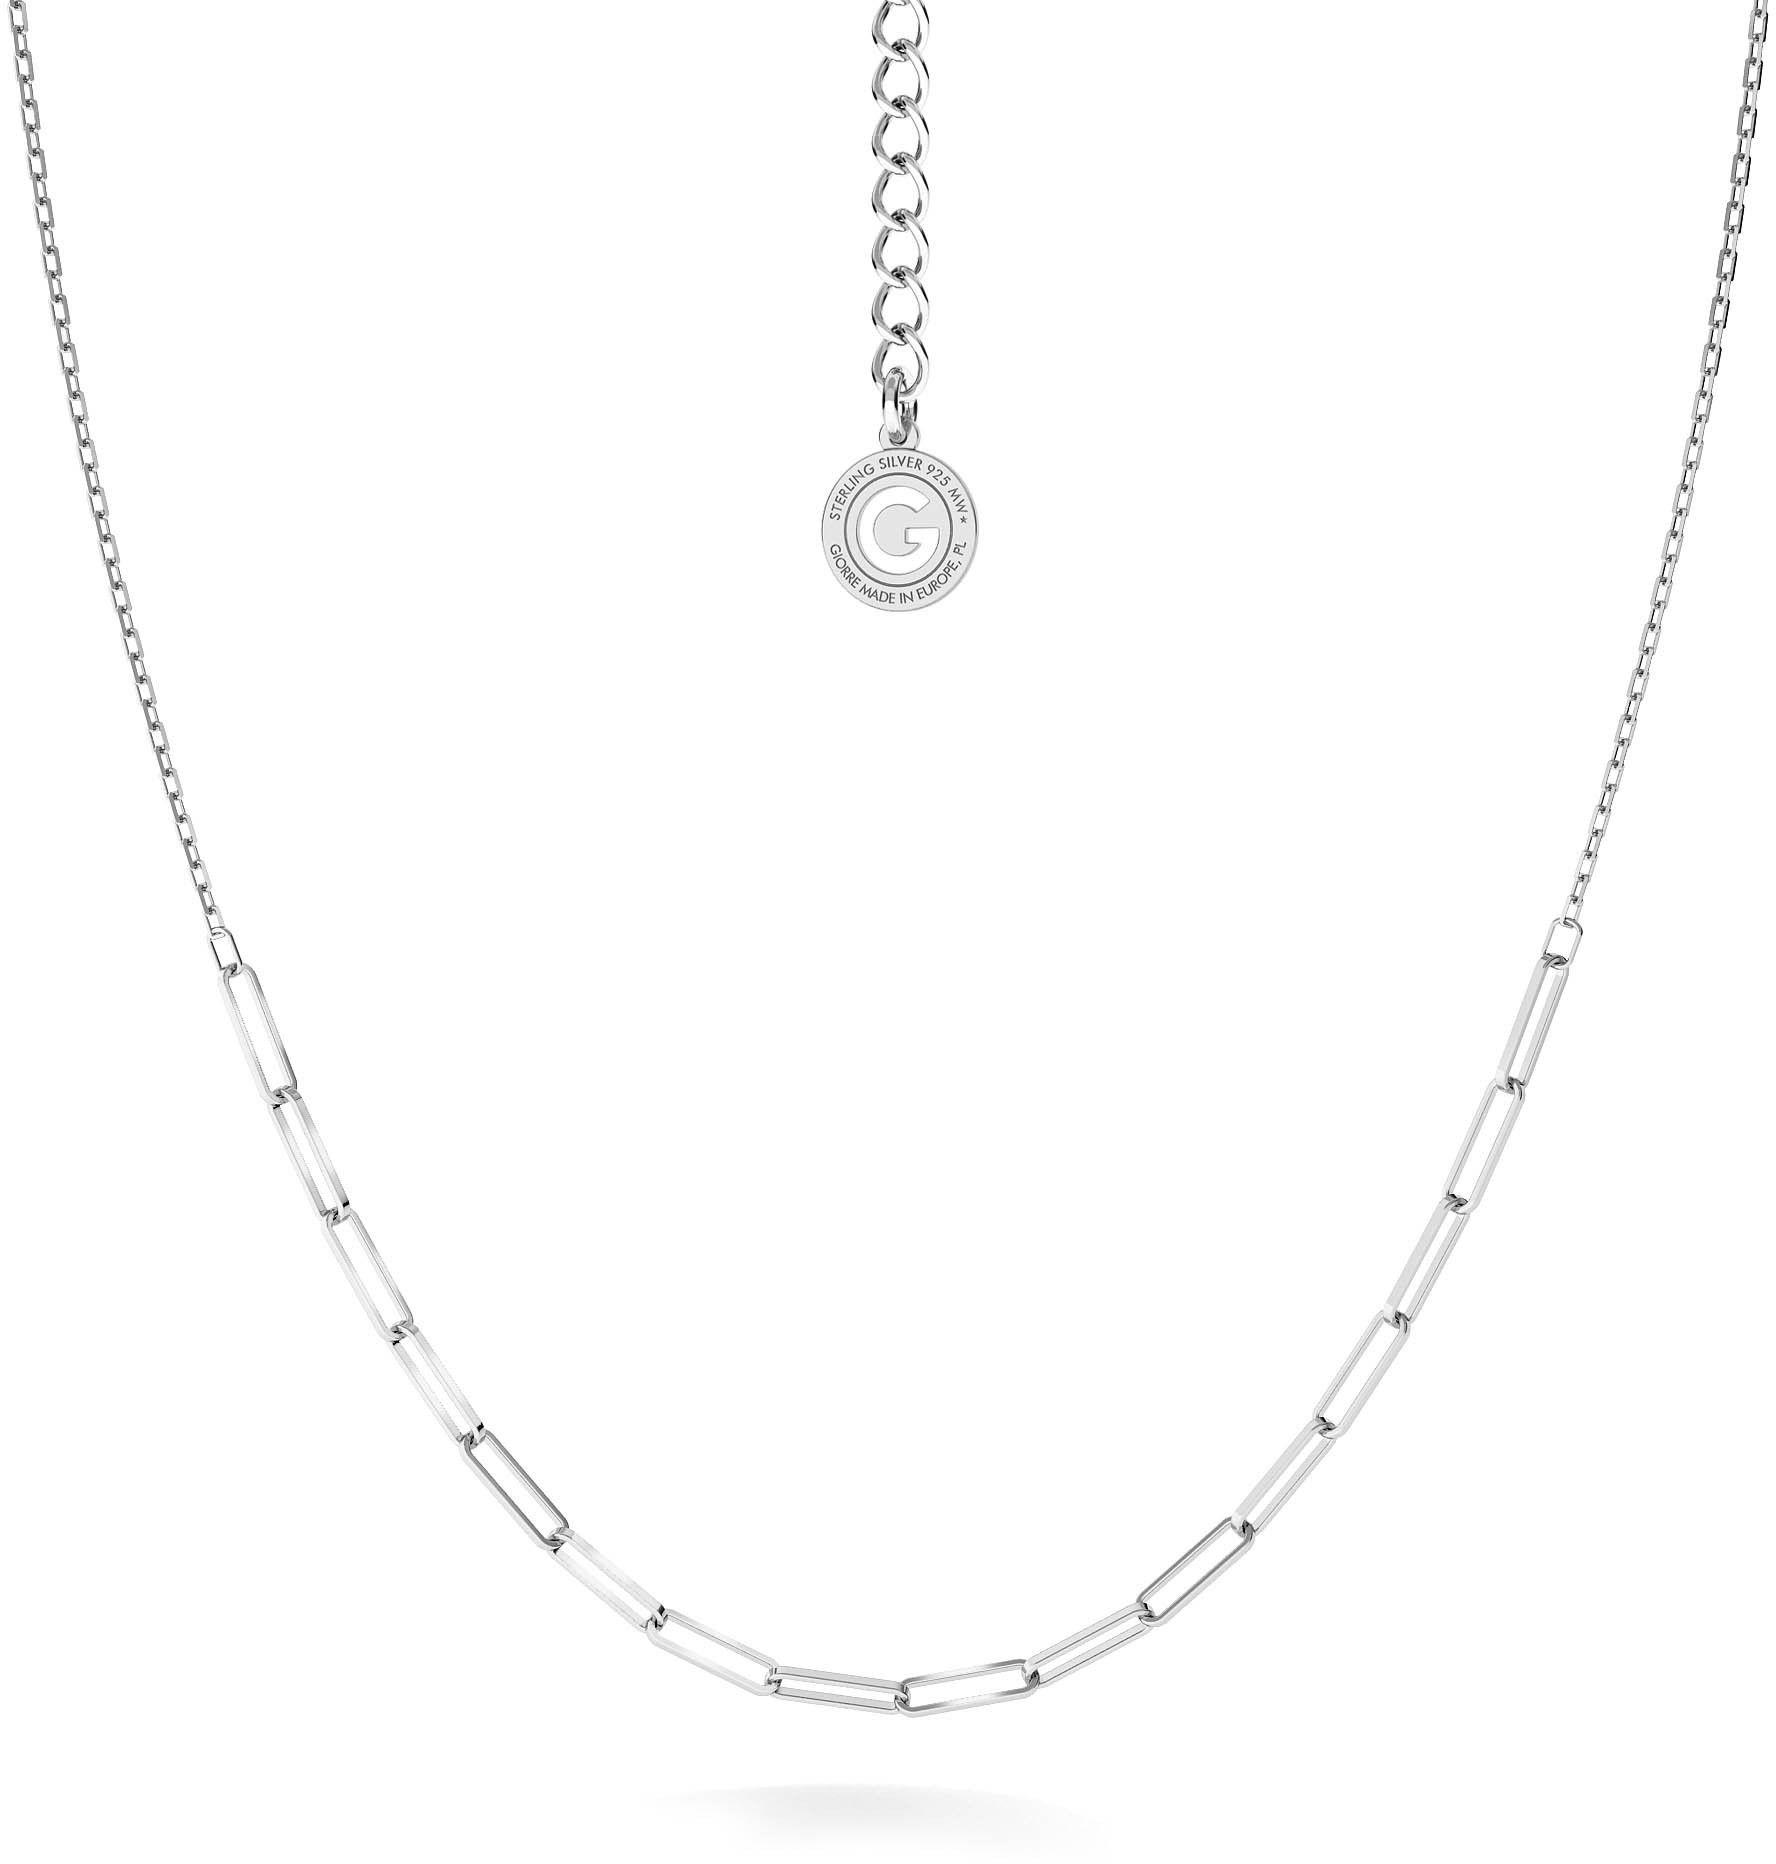 Srebrny łańcuszek anker do wpinania charmsów, srebro 925 : Srebro - kolor pokrycia - Pokrycie platyną